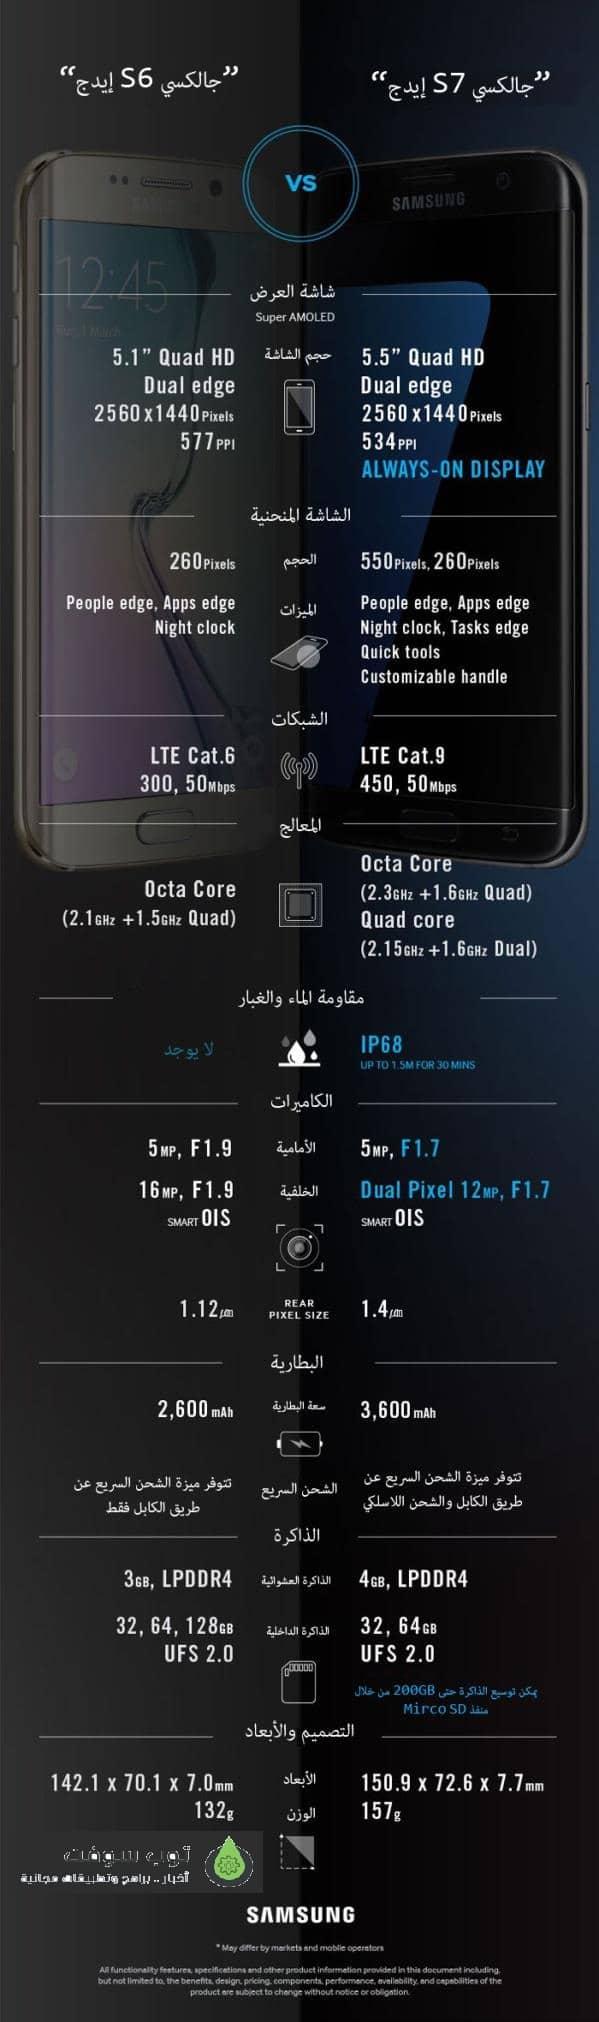 Galaxy S7 Edge vs. S6 Edge